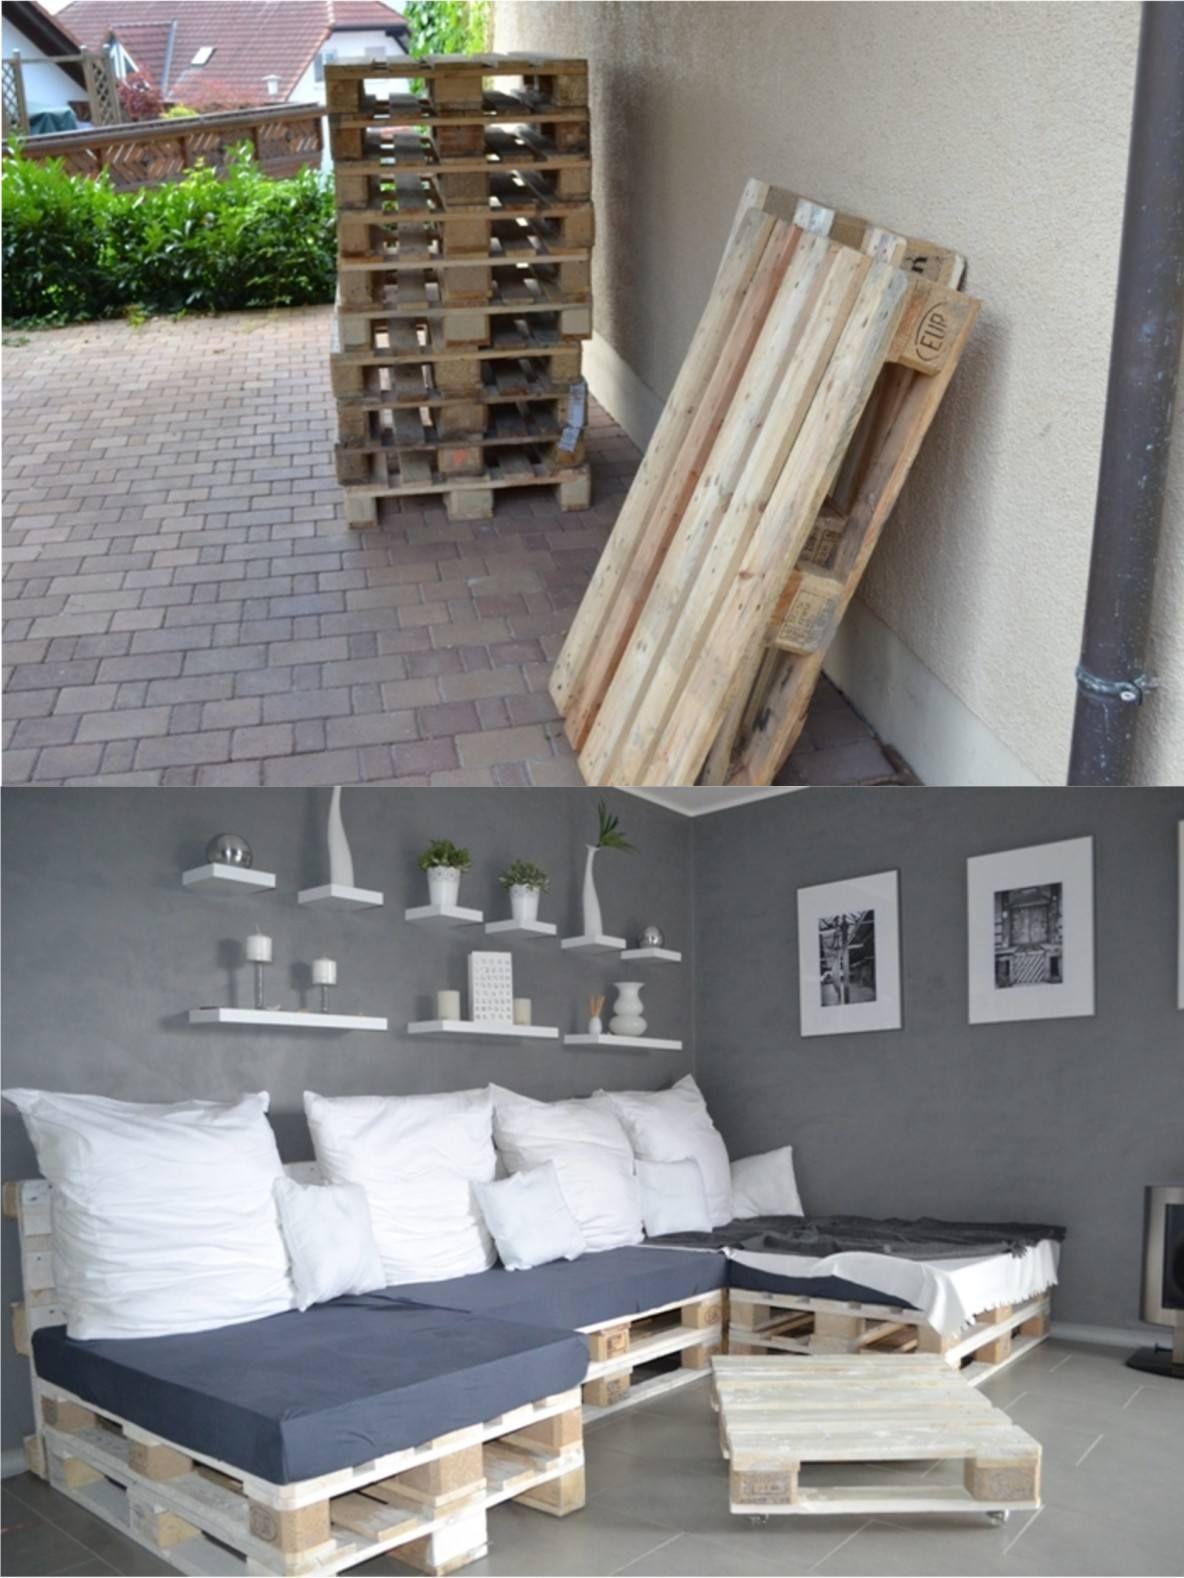 Diy Pallet Sofa Bed Selfio De Sofá Cama Con Palés